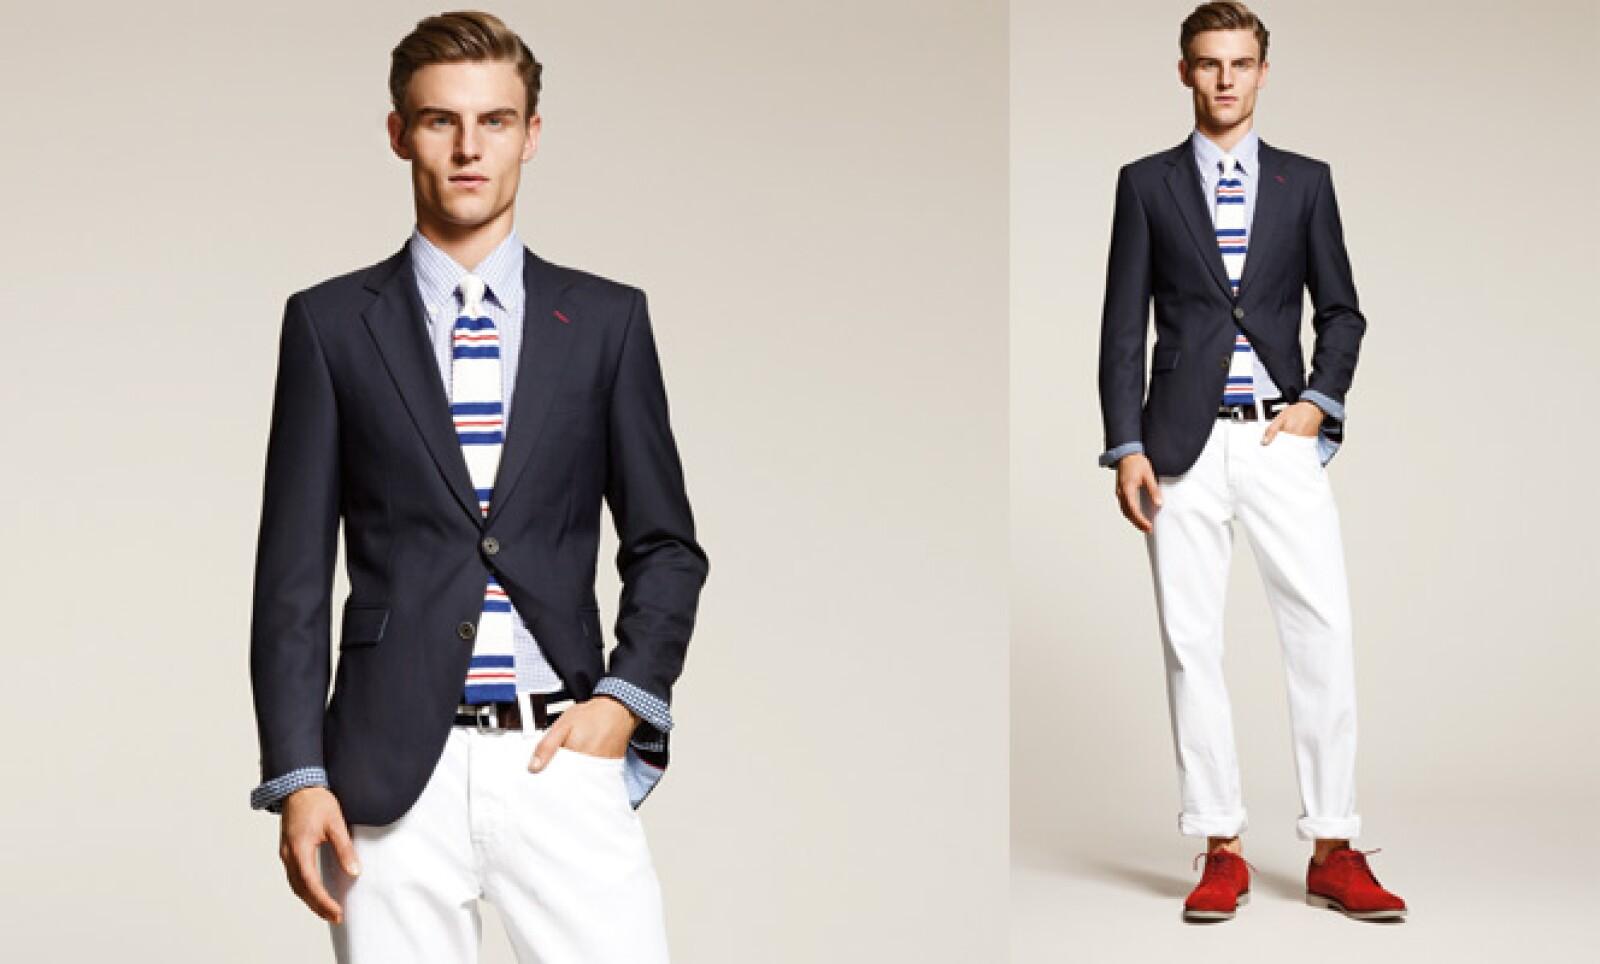 El diseñador estadounidense presentó su propuesta casual y elegante para la temporada primavera-verano de este año.